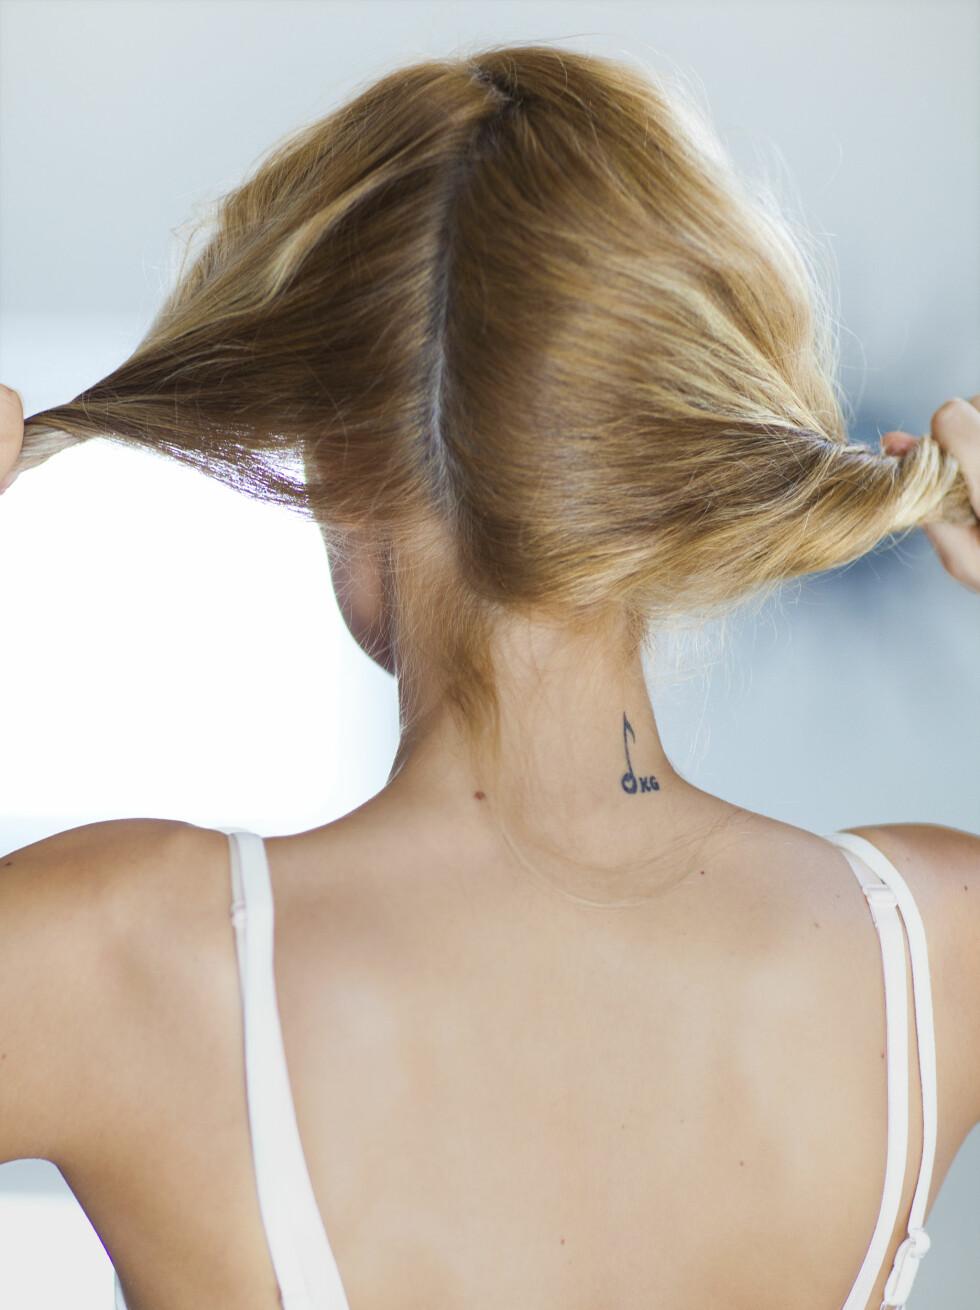 1 Del håret i to seksjoner slik at du får skillen på siden.